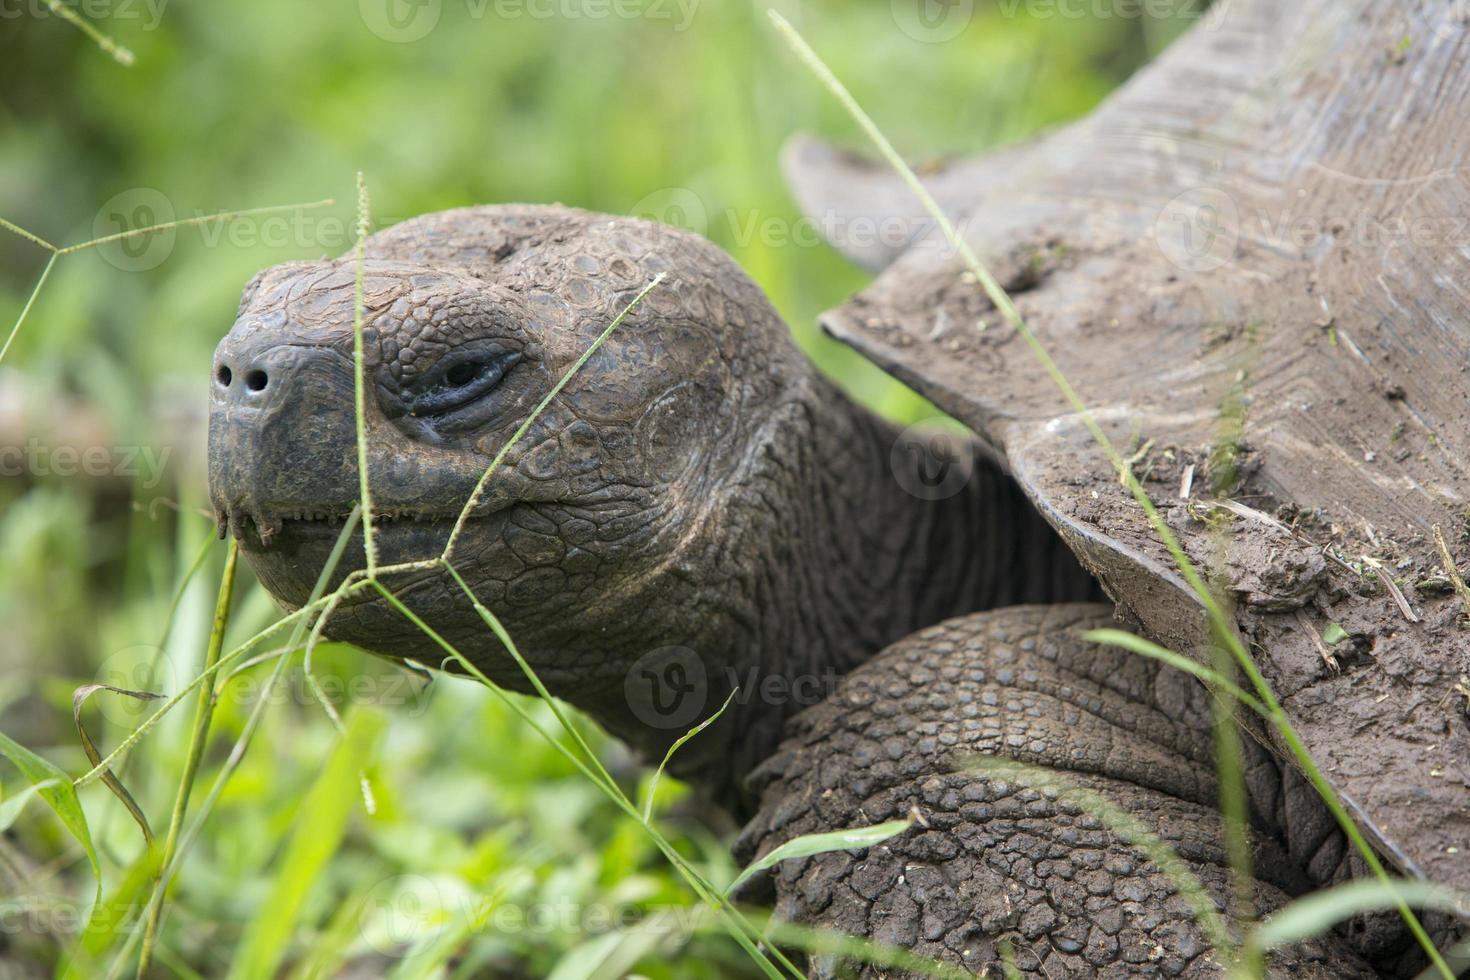 tartaruga gigante de galápagos foto